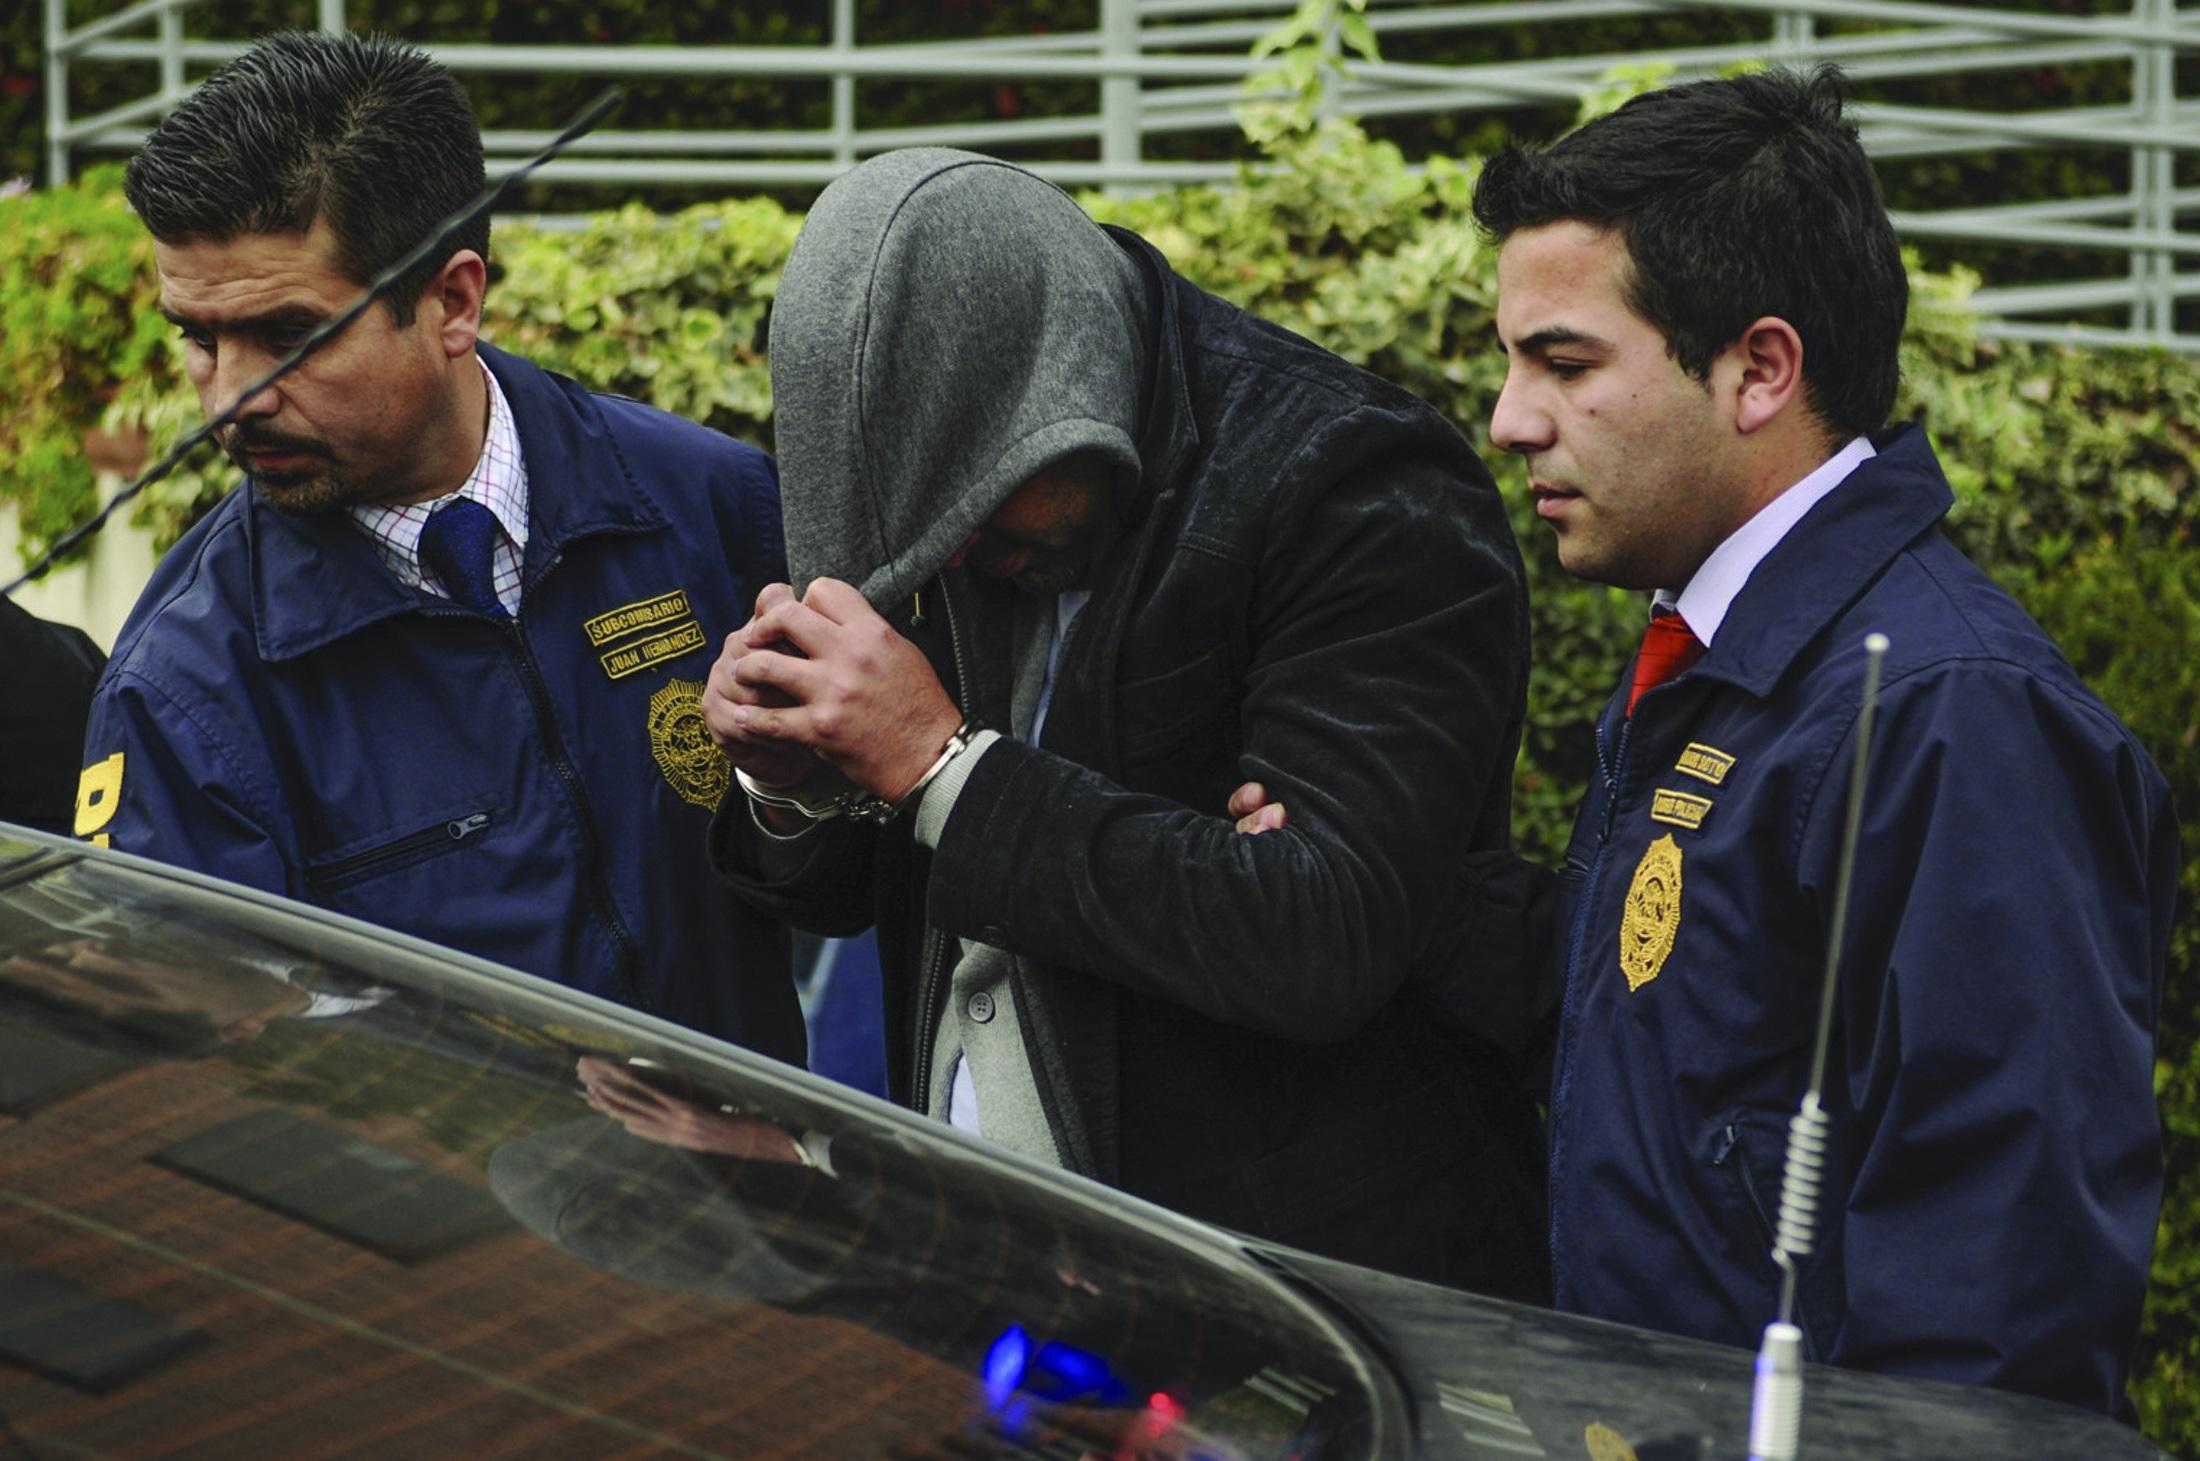 PDI de Talca, arrestó a padre que adeudaba 31 millones de pesos en pensión de alimentos